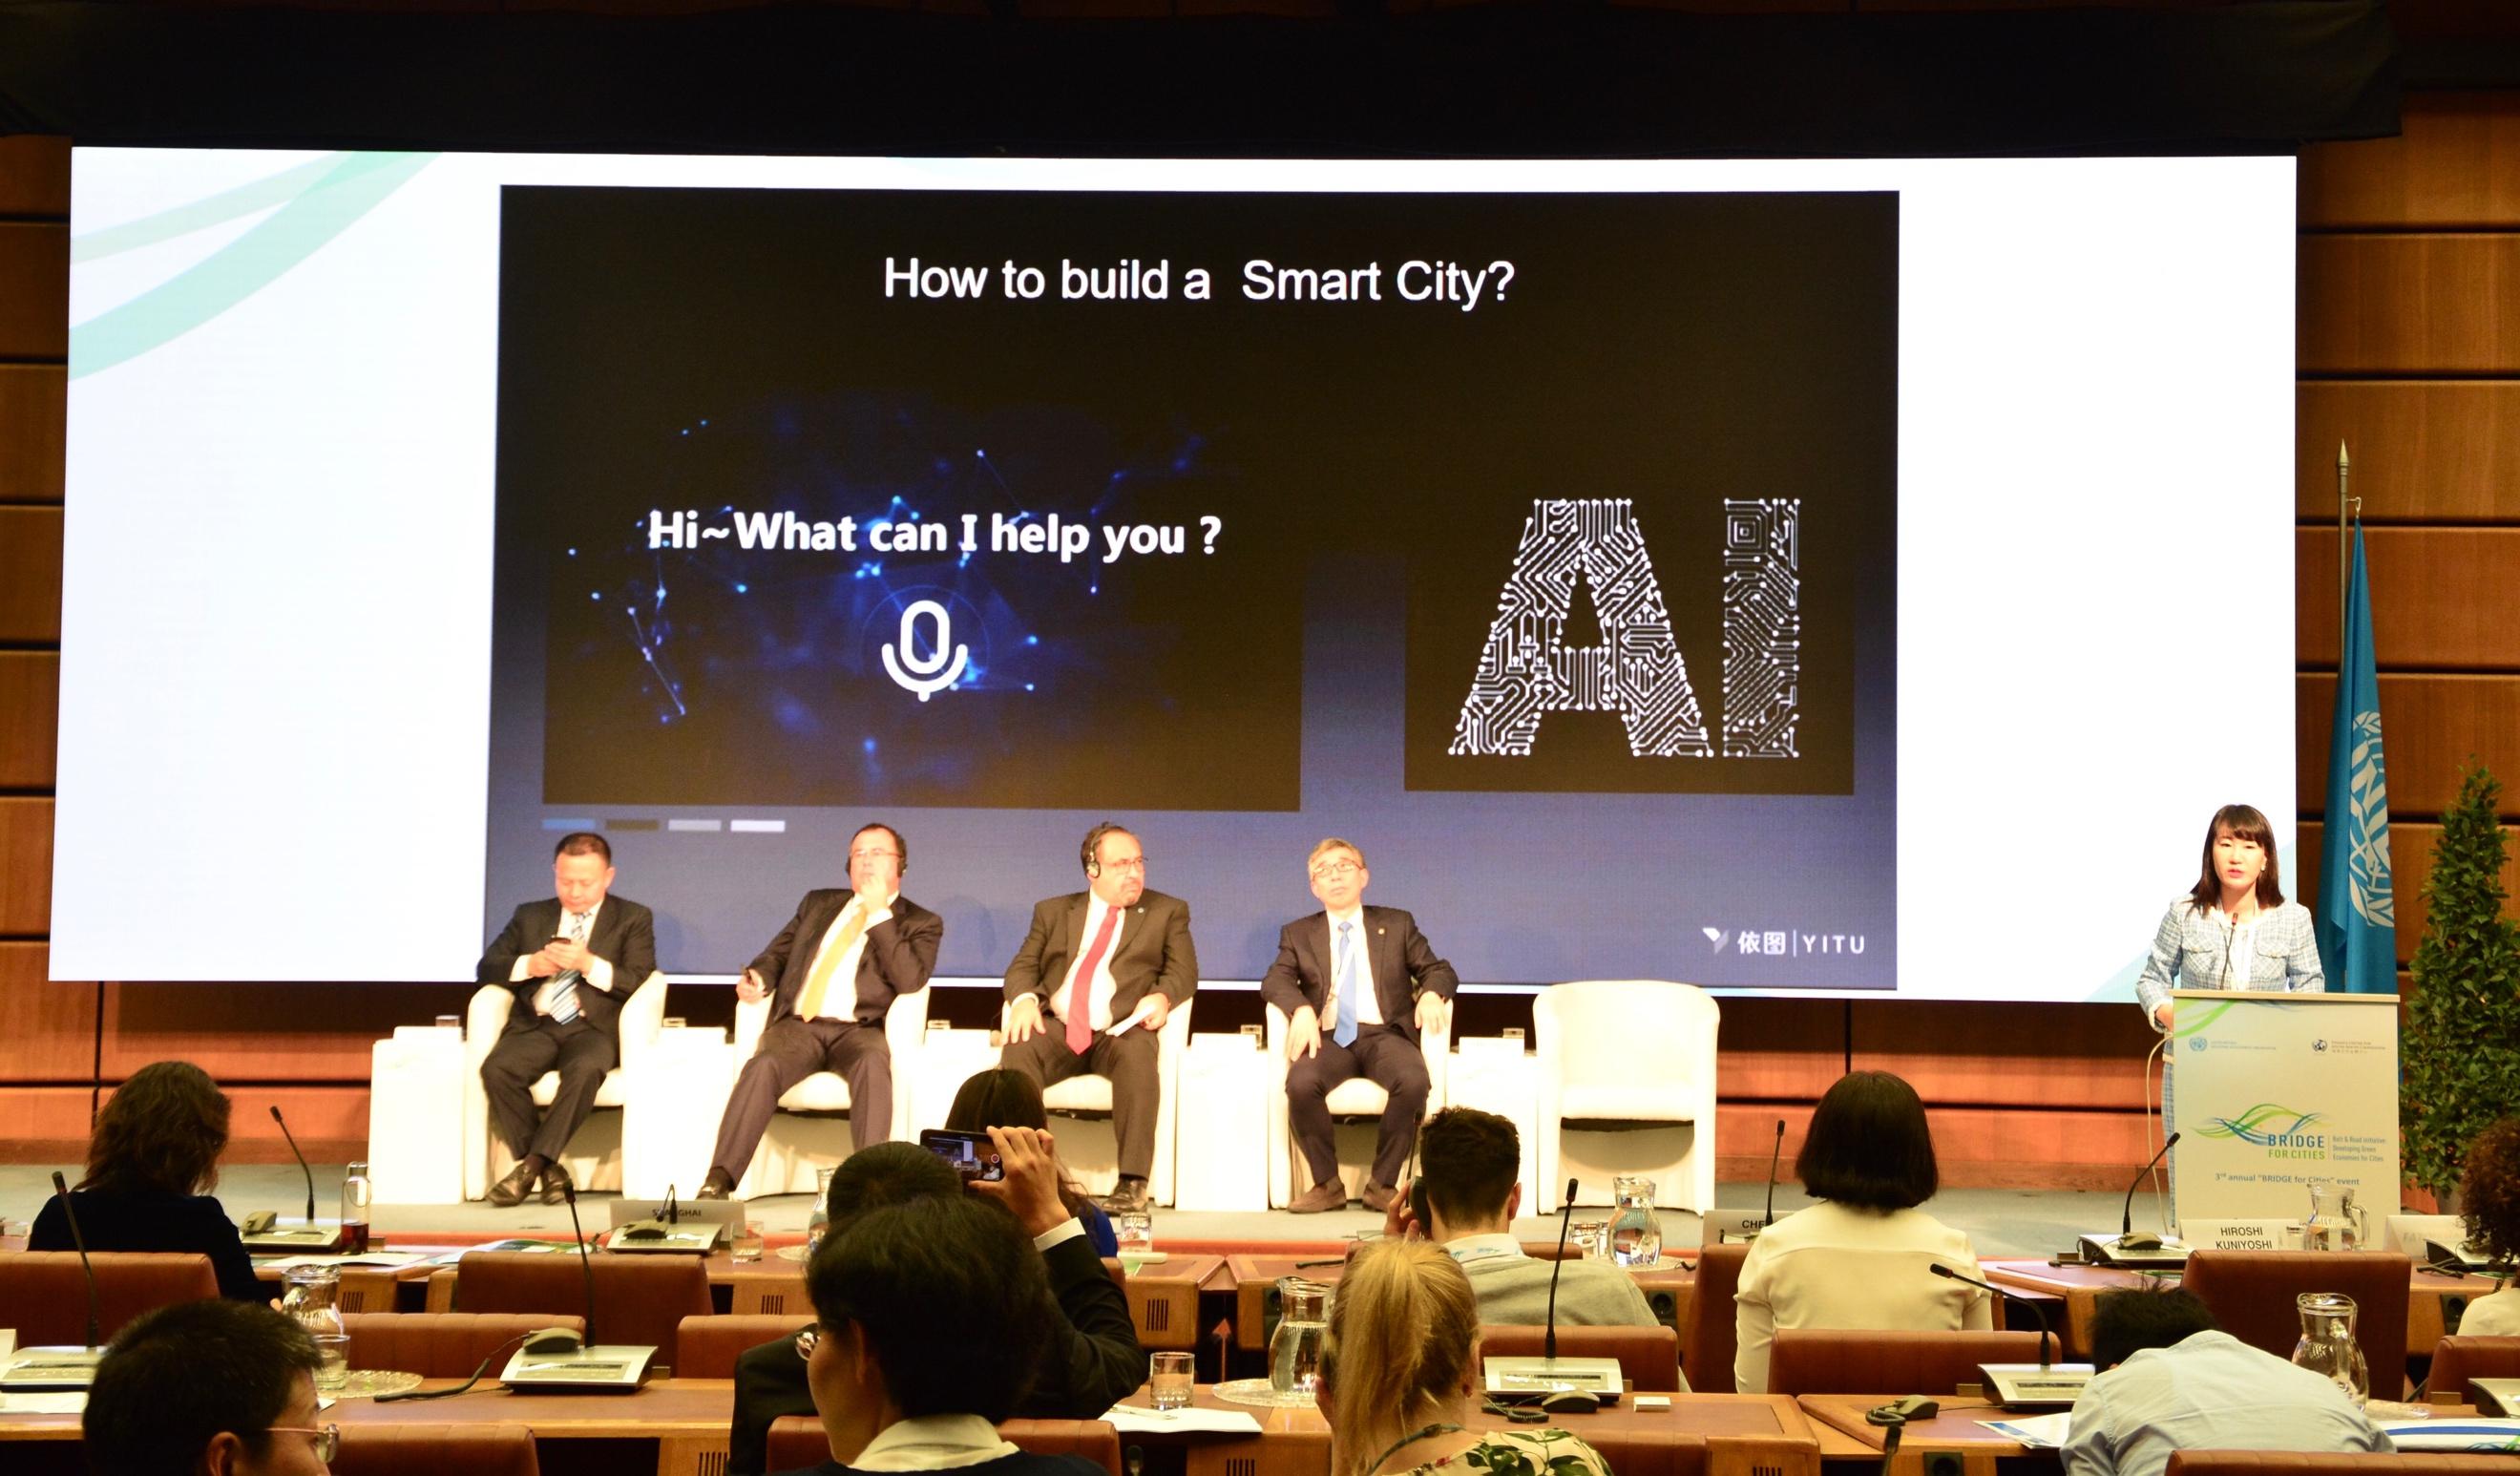 依图亮相维也纳联合国工发组织大会,助力全球智慧城市建设升级